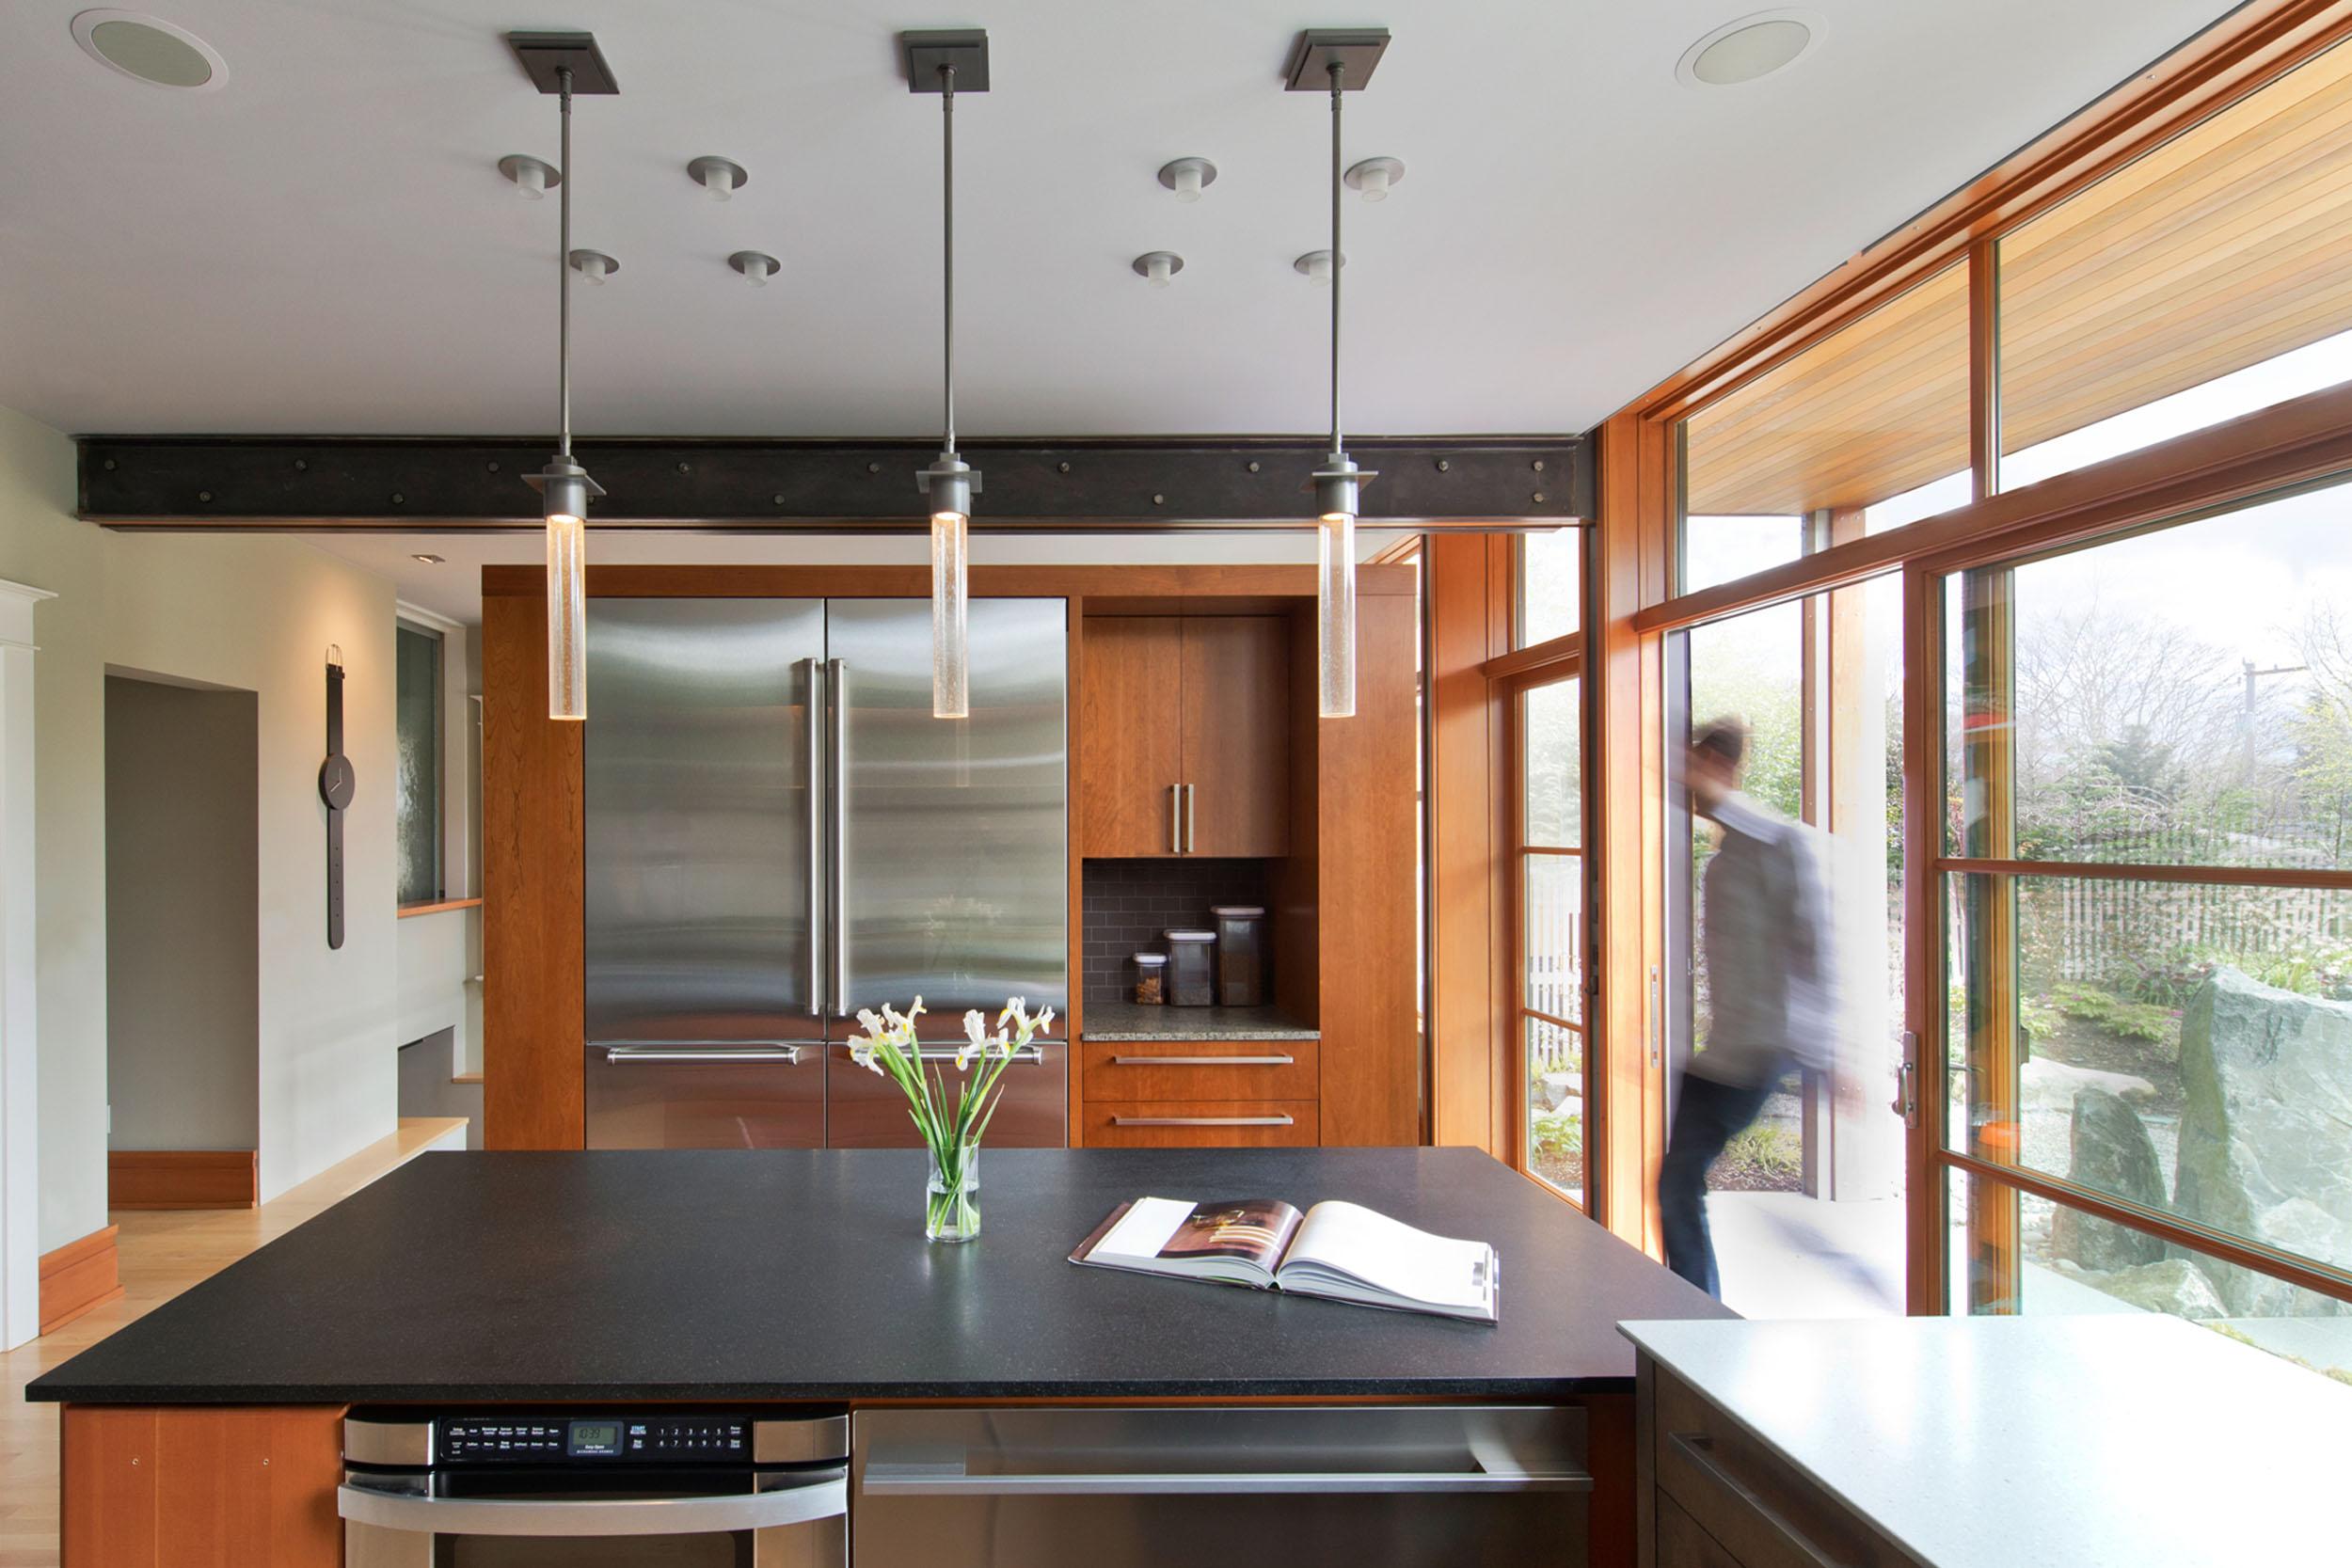 baker's-kitchen-remodel-2.jpg